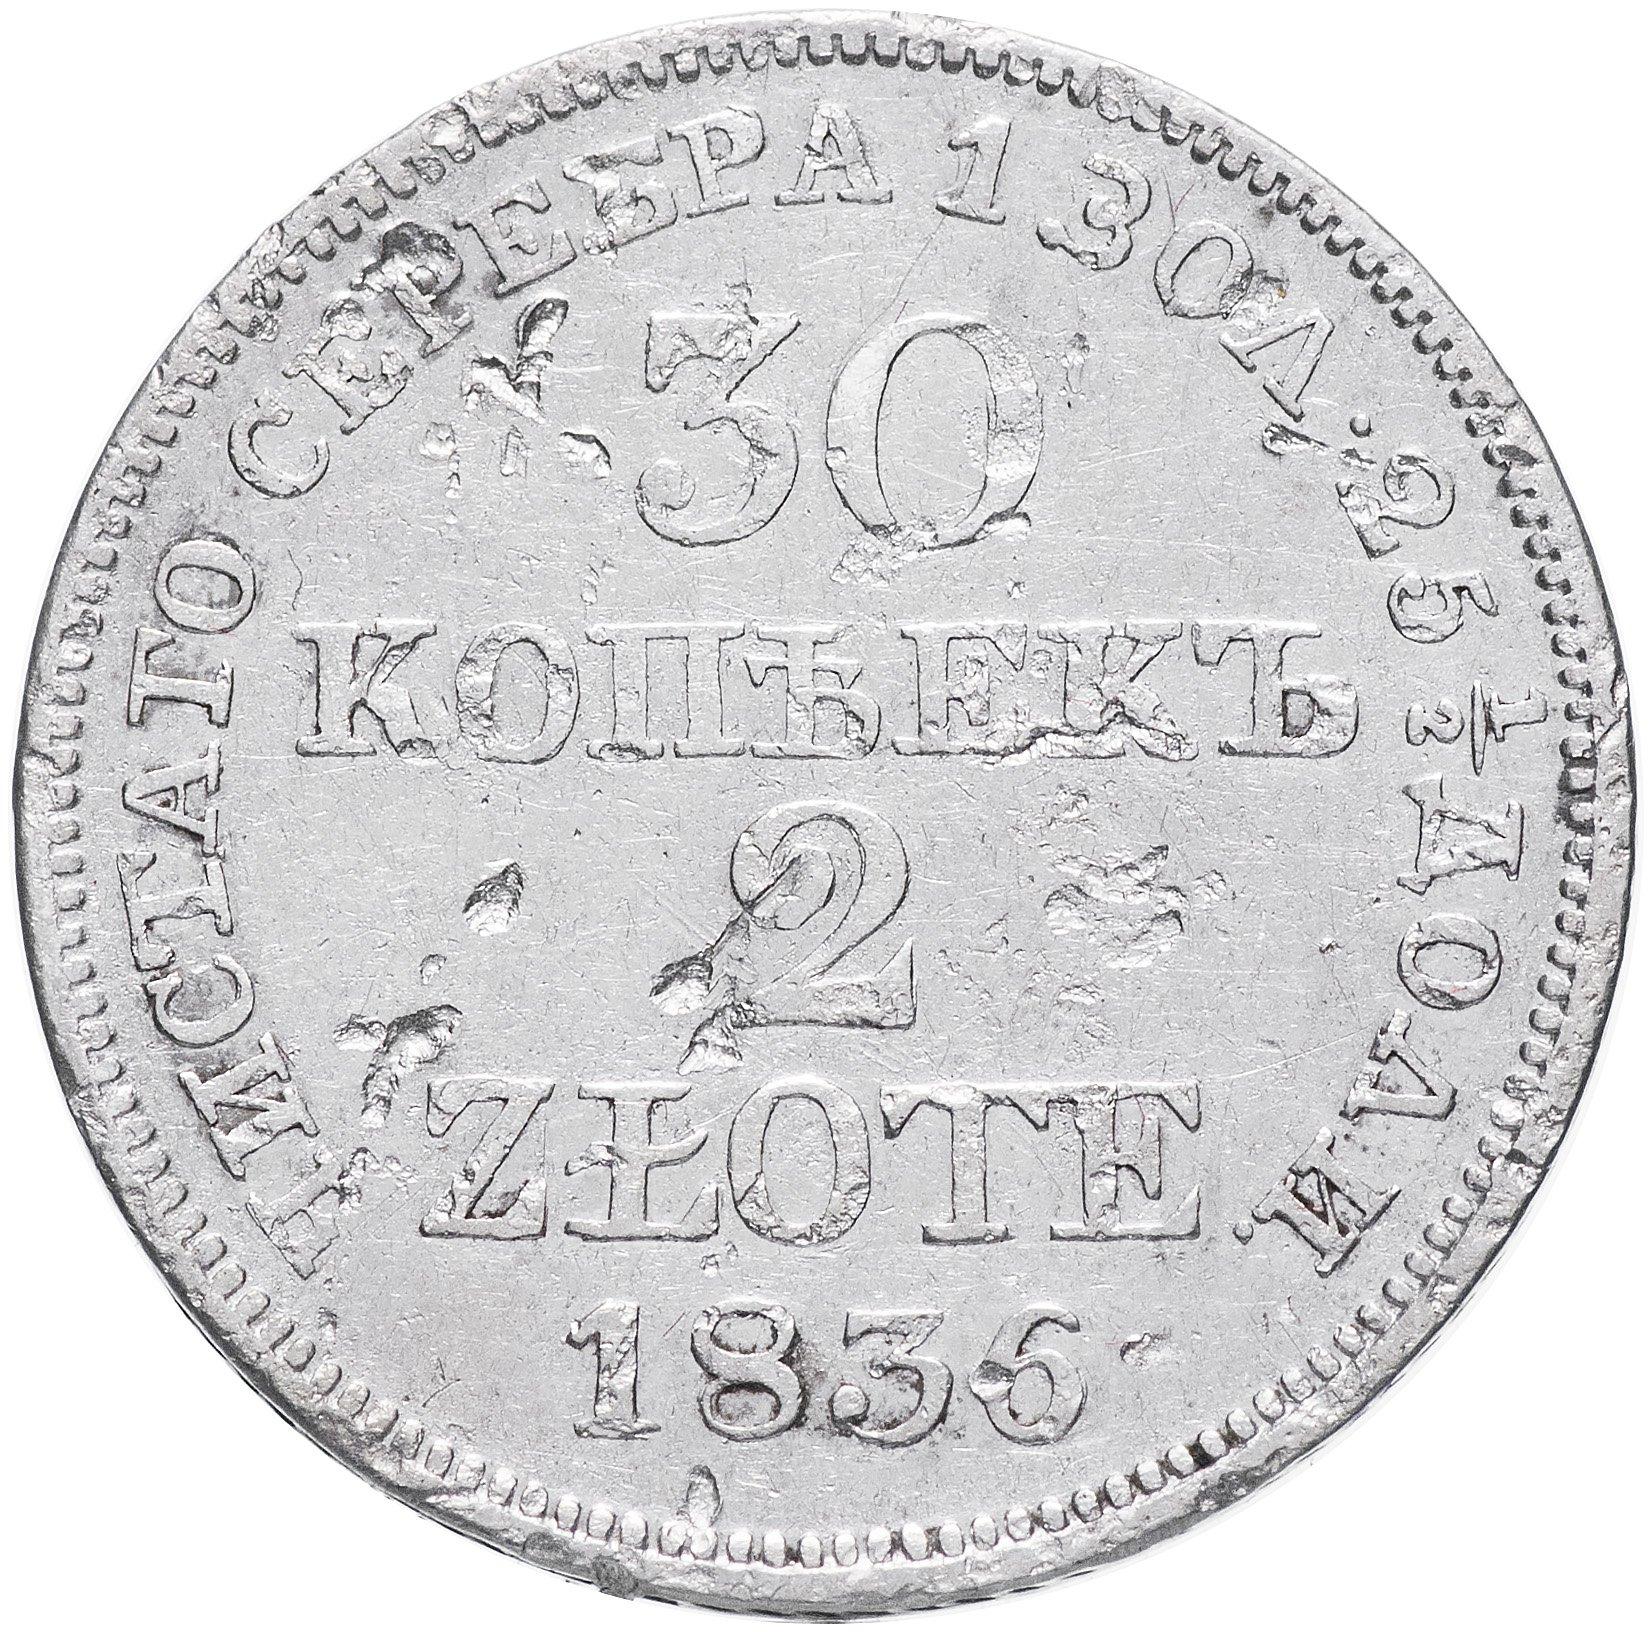 Злотый купить в москве 25 филсов в рублях